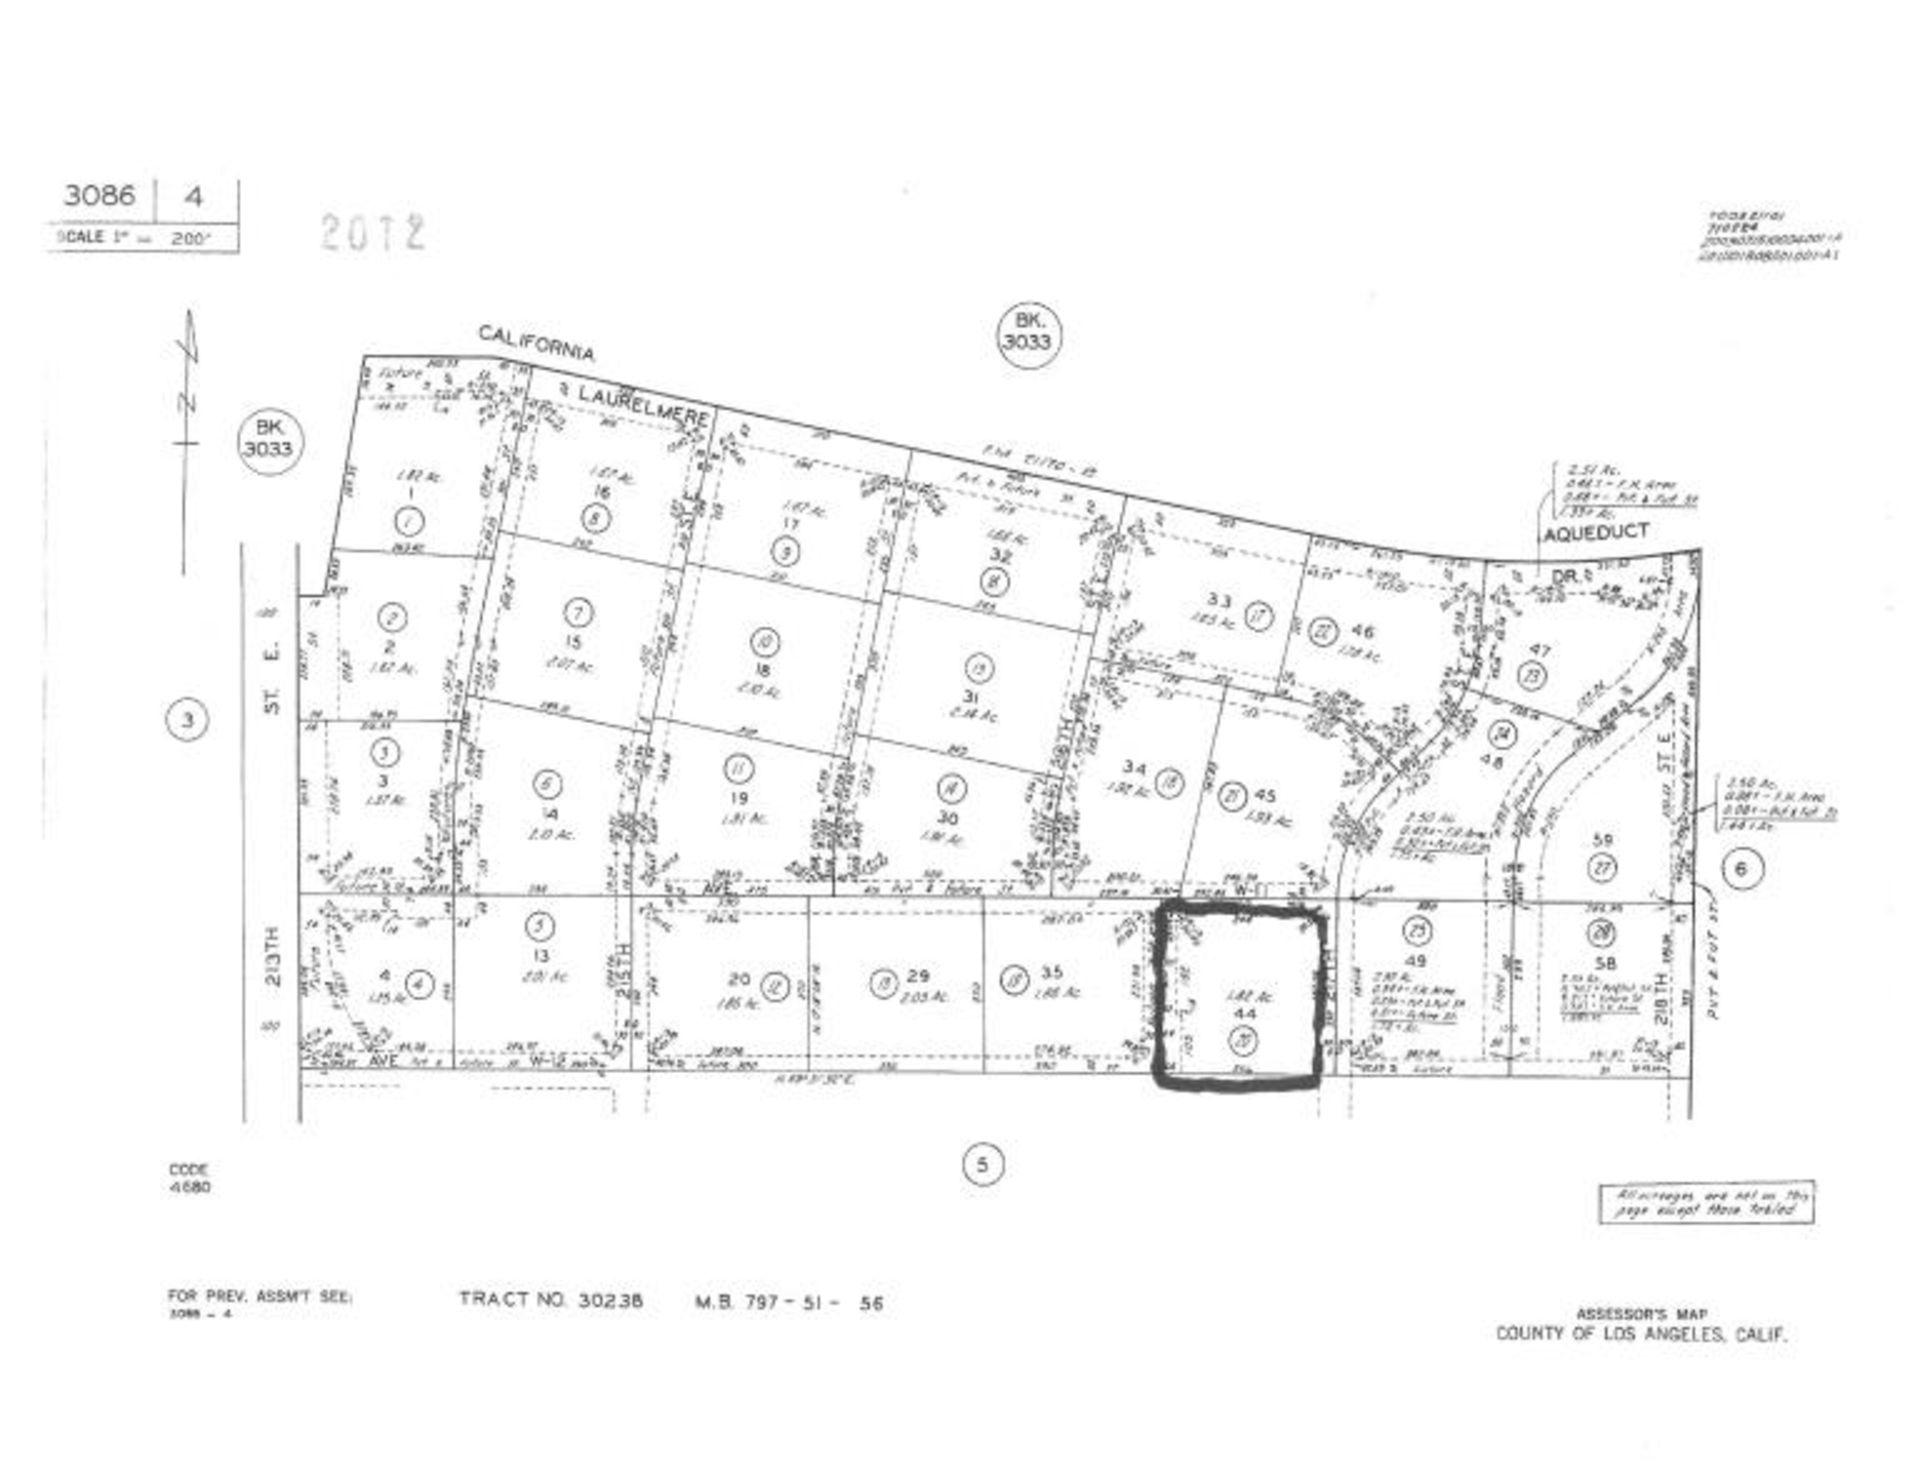 Lot 502 - 1.82 Acre Vacant Parcel near City of Lancaster,